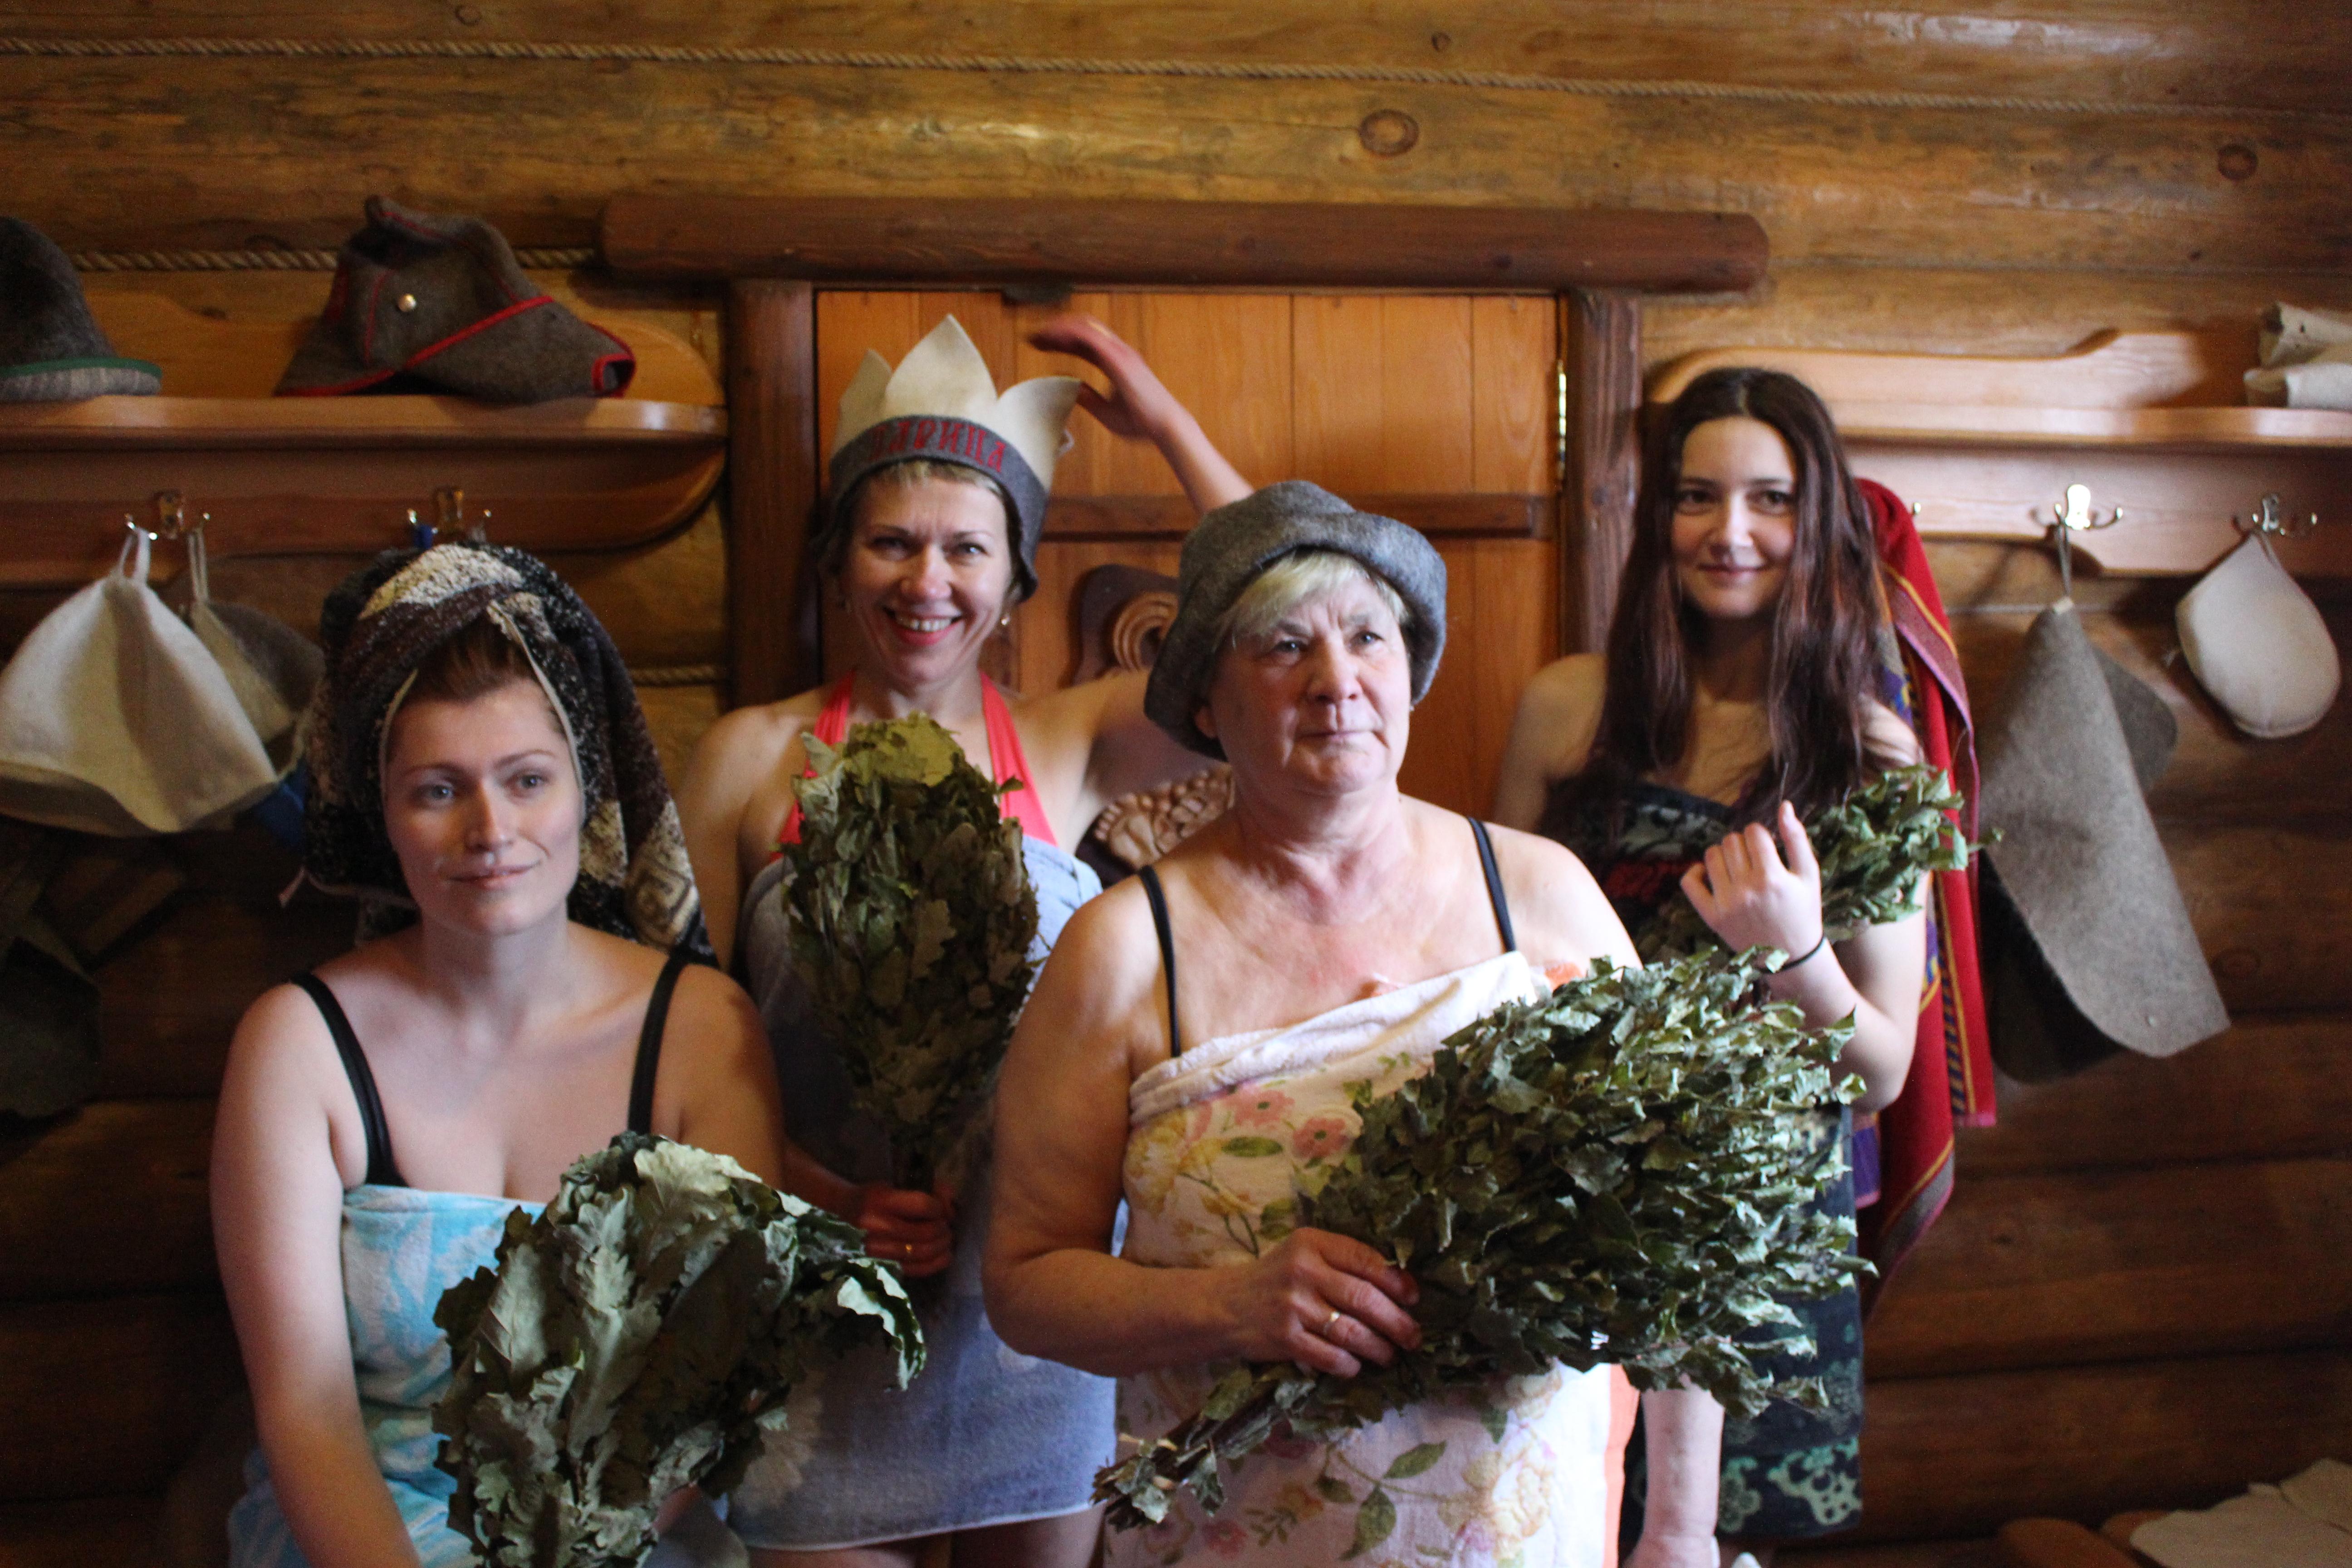 Фото из сельская баня, секс измены видео русское